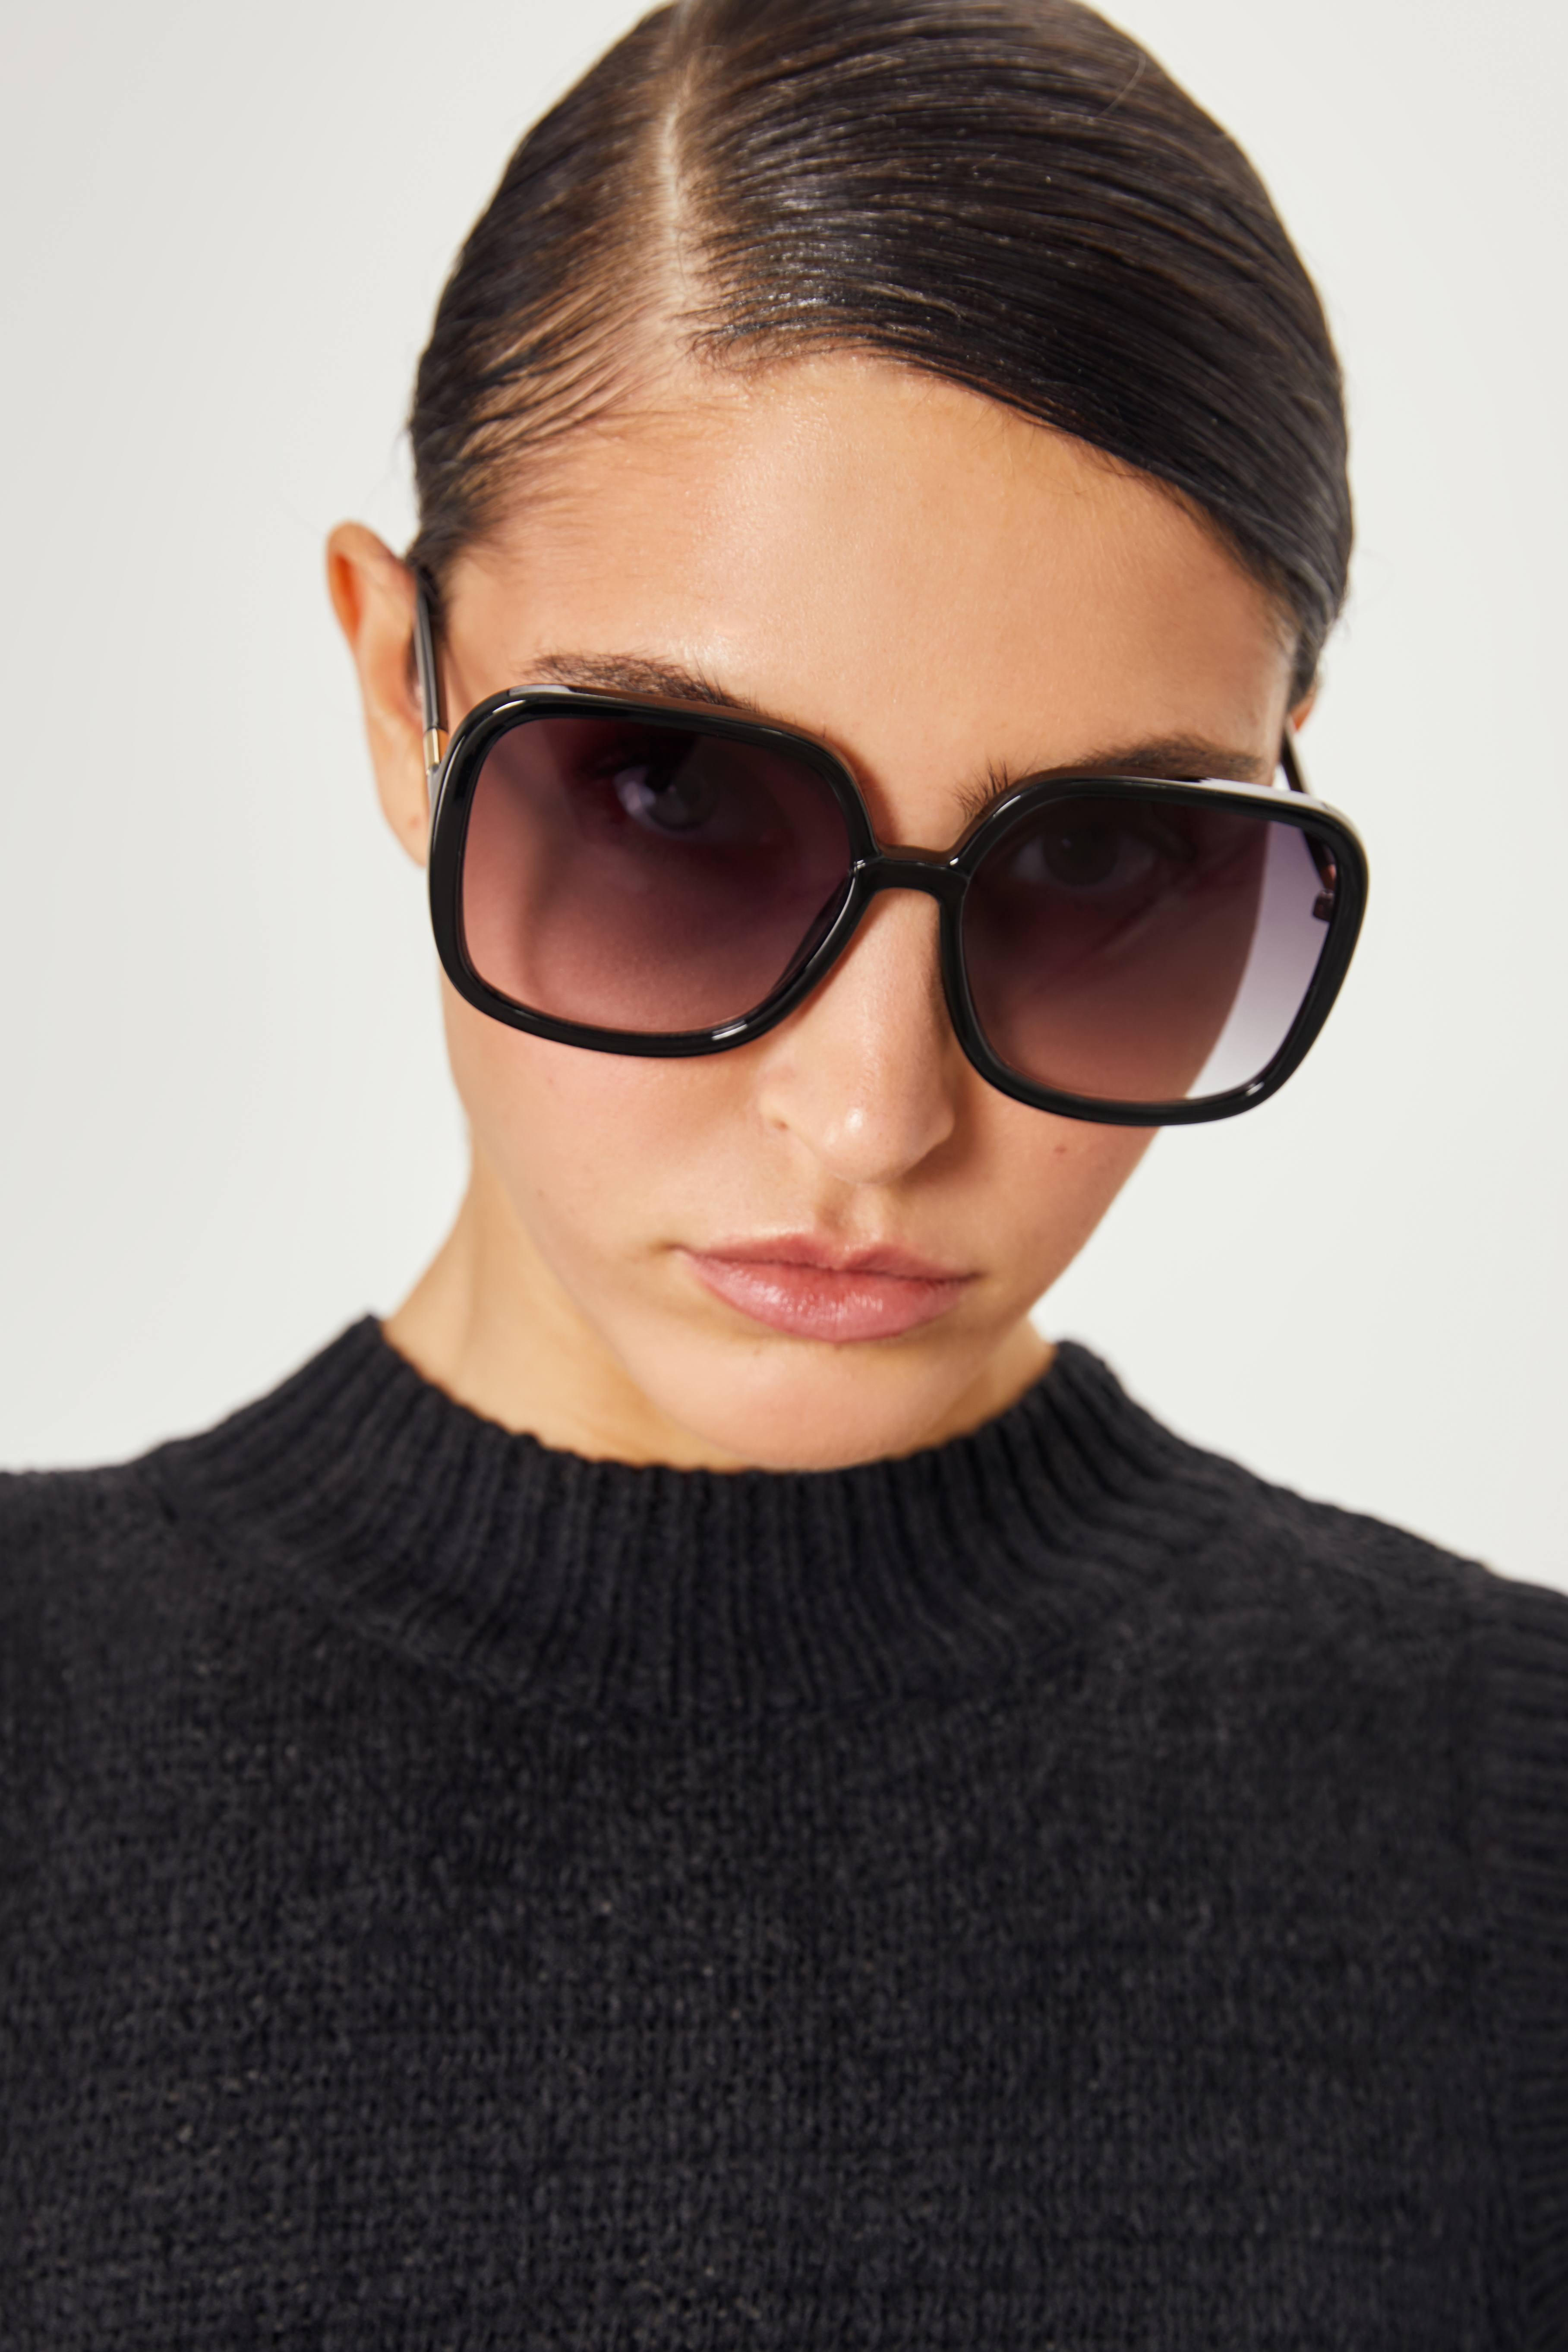 цена на Очки солнцезащитные LIME Солнцезащитные очки в оправе геометрической формы